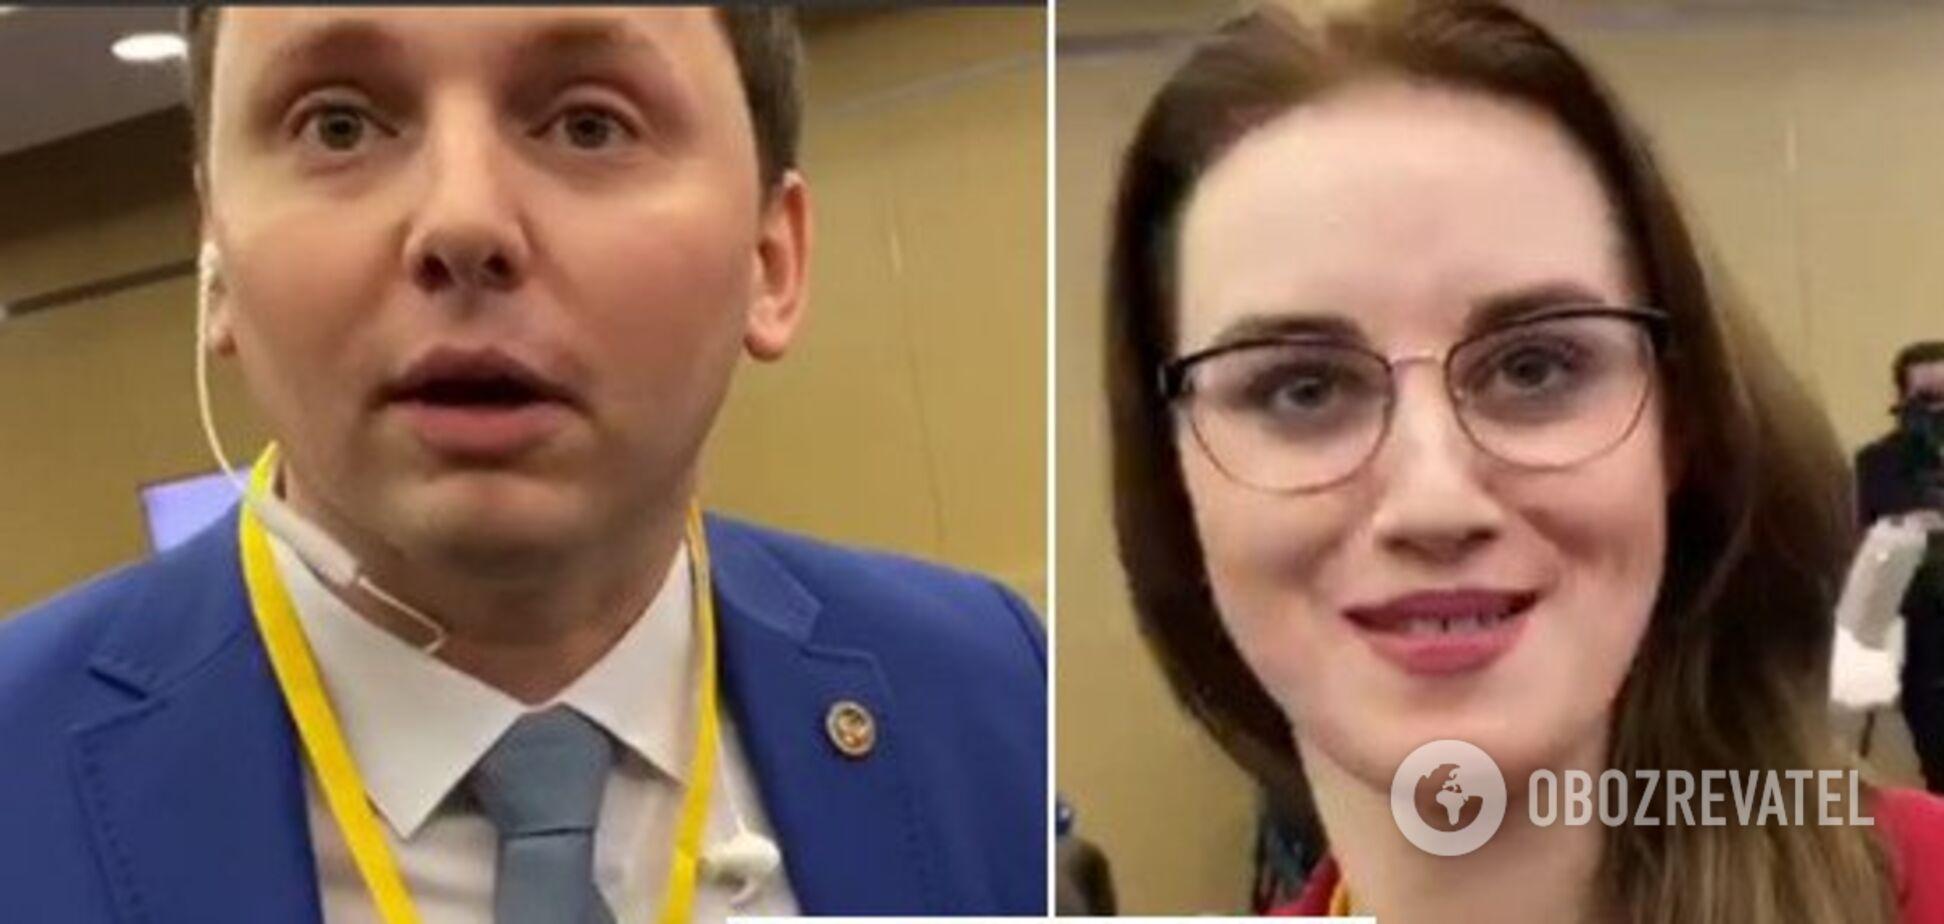 Цимбалюк і пропагандисти Л/ДНР